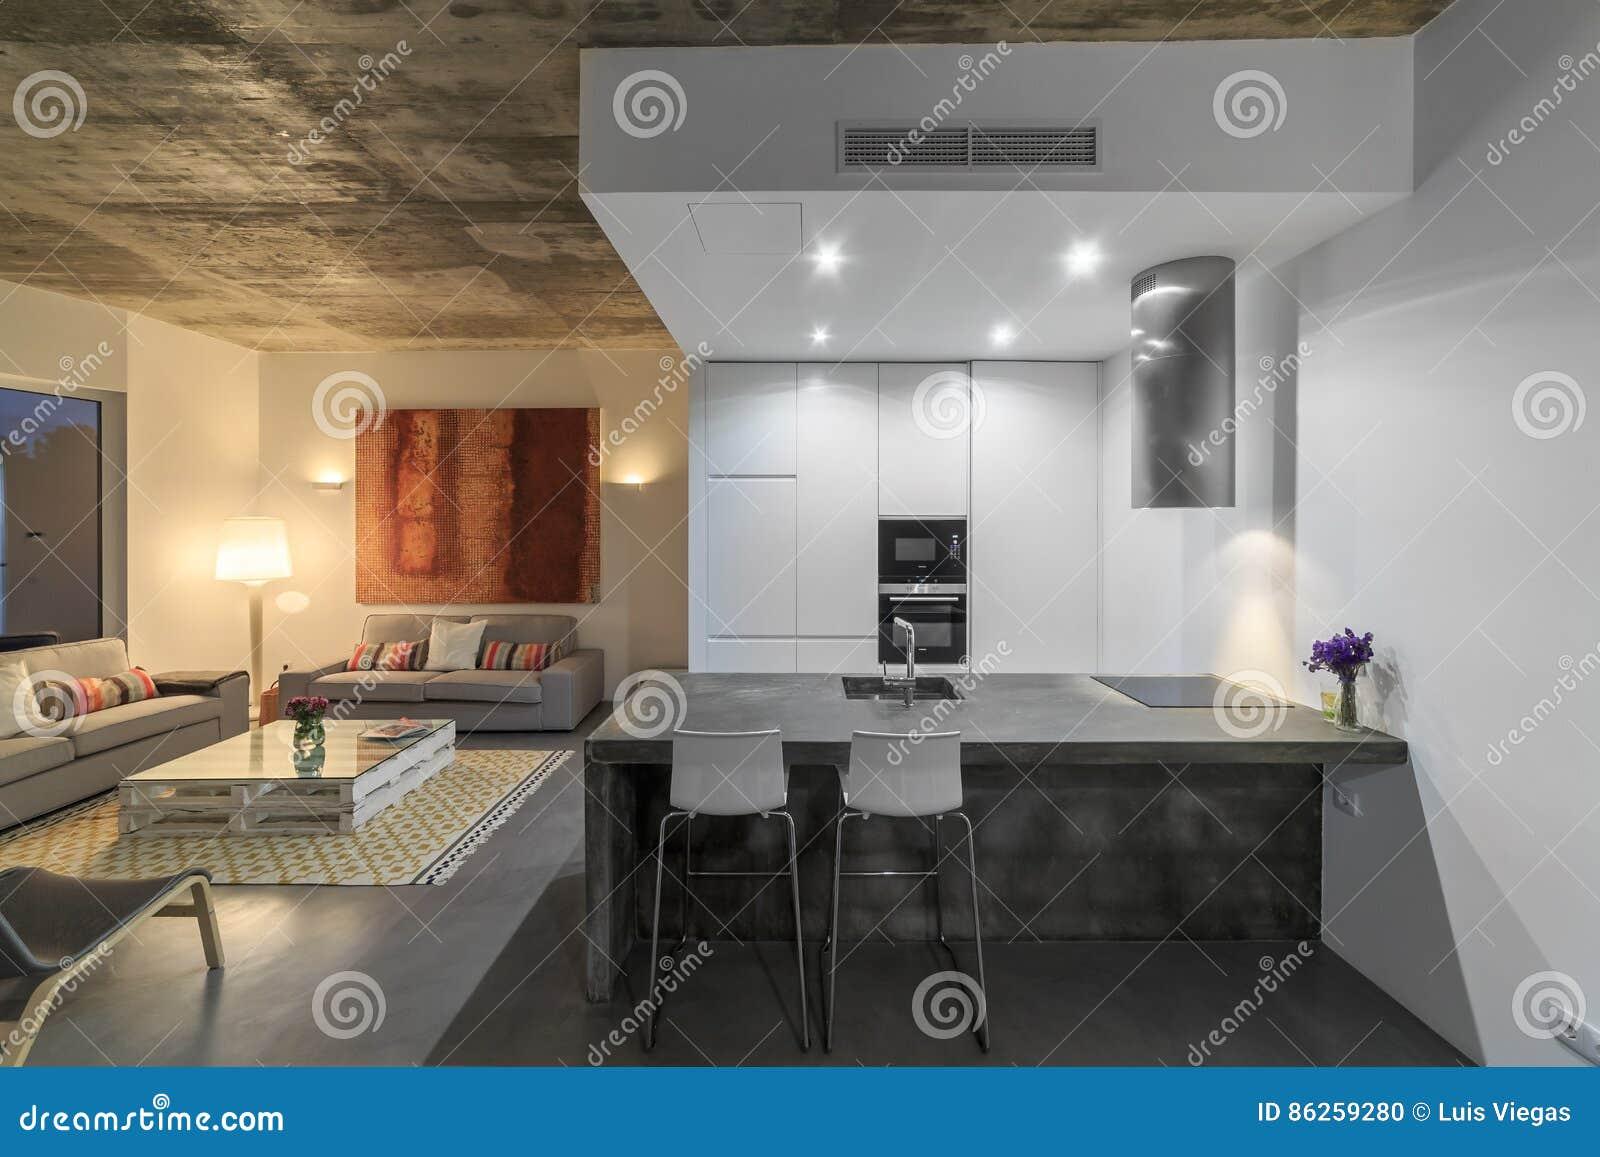 Cucina moderna con la pavimentazione in piastrelle grigia e la parete bianca fotografia stock - Cucina moderna bianca e grigia ...